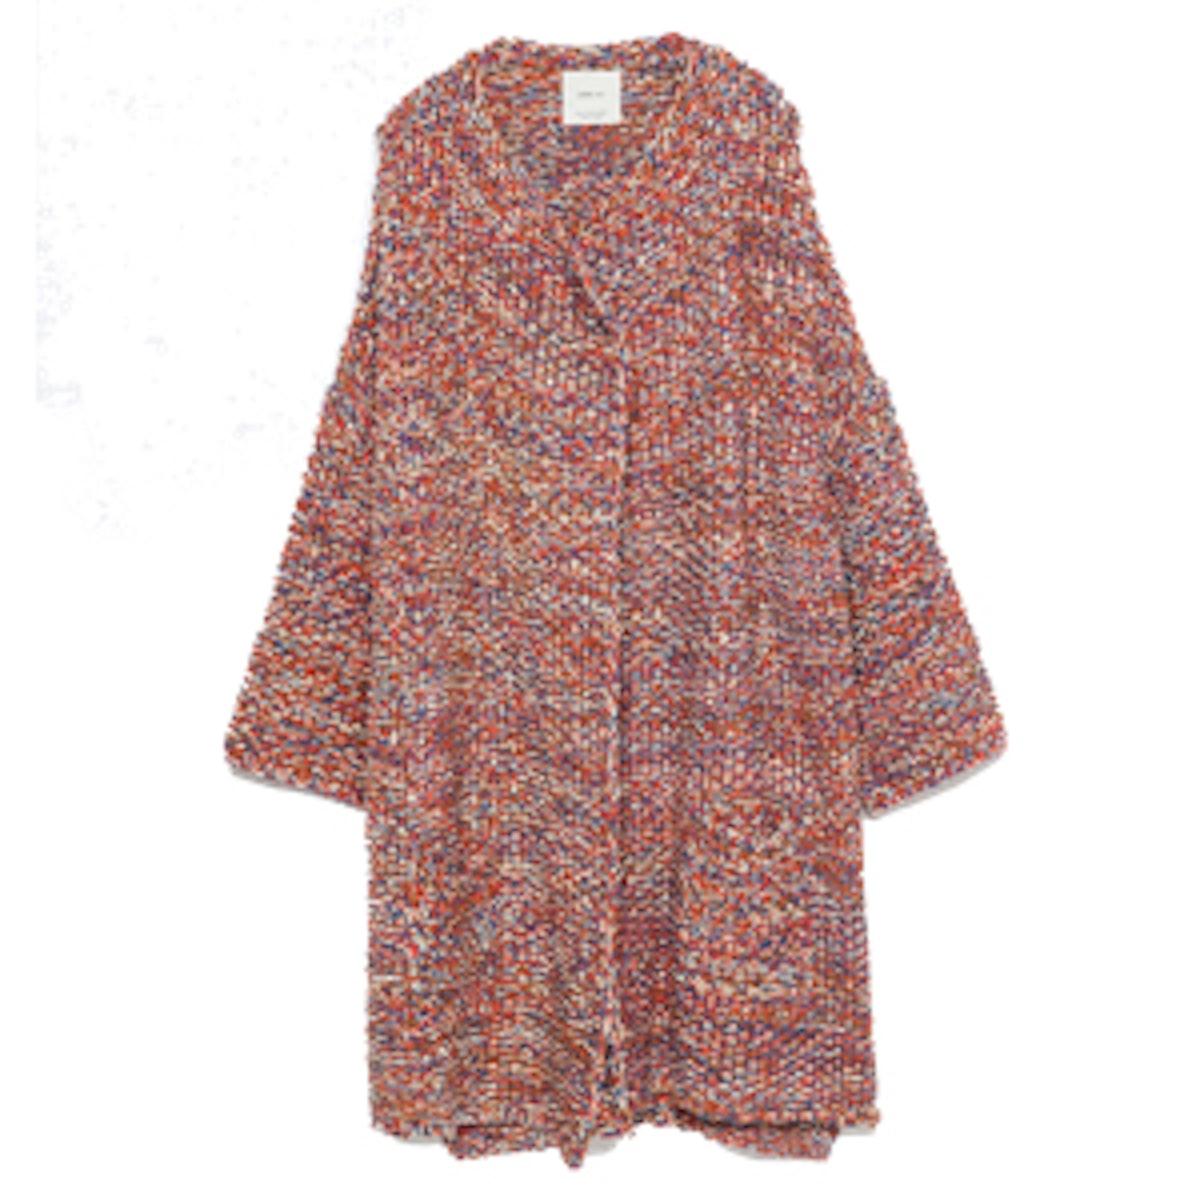 Multicolored Knit Poncho